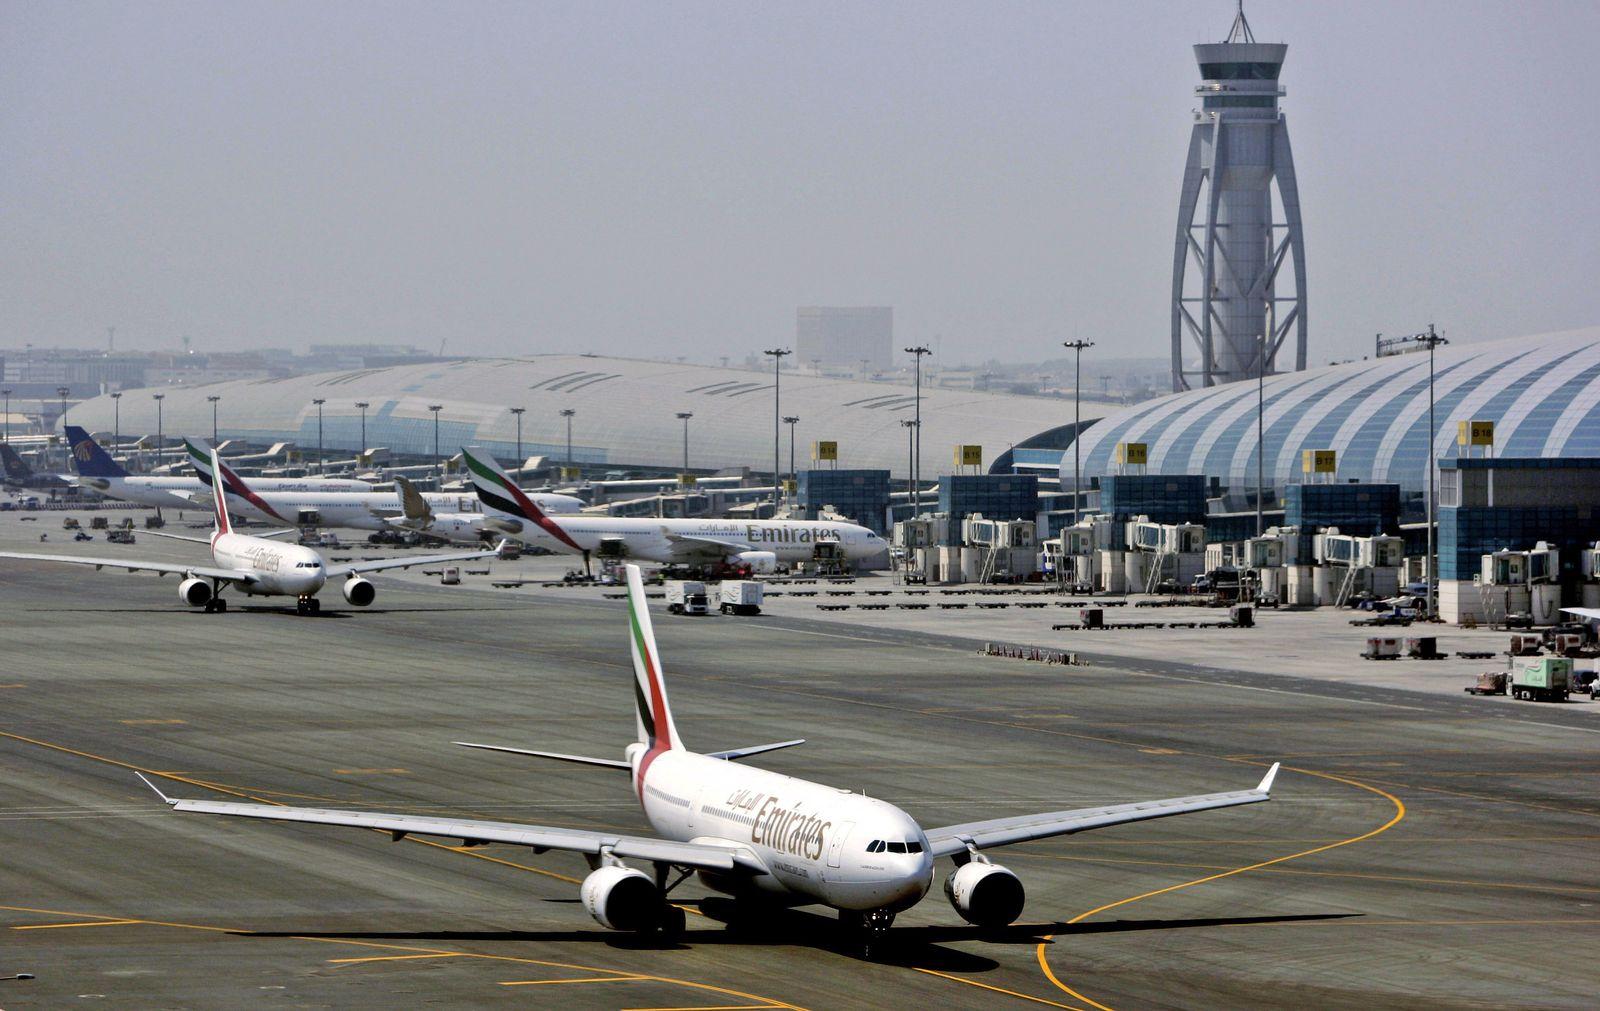 Emirates / Dubai